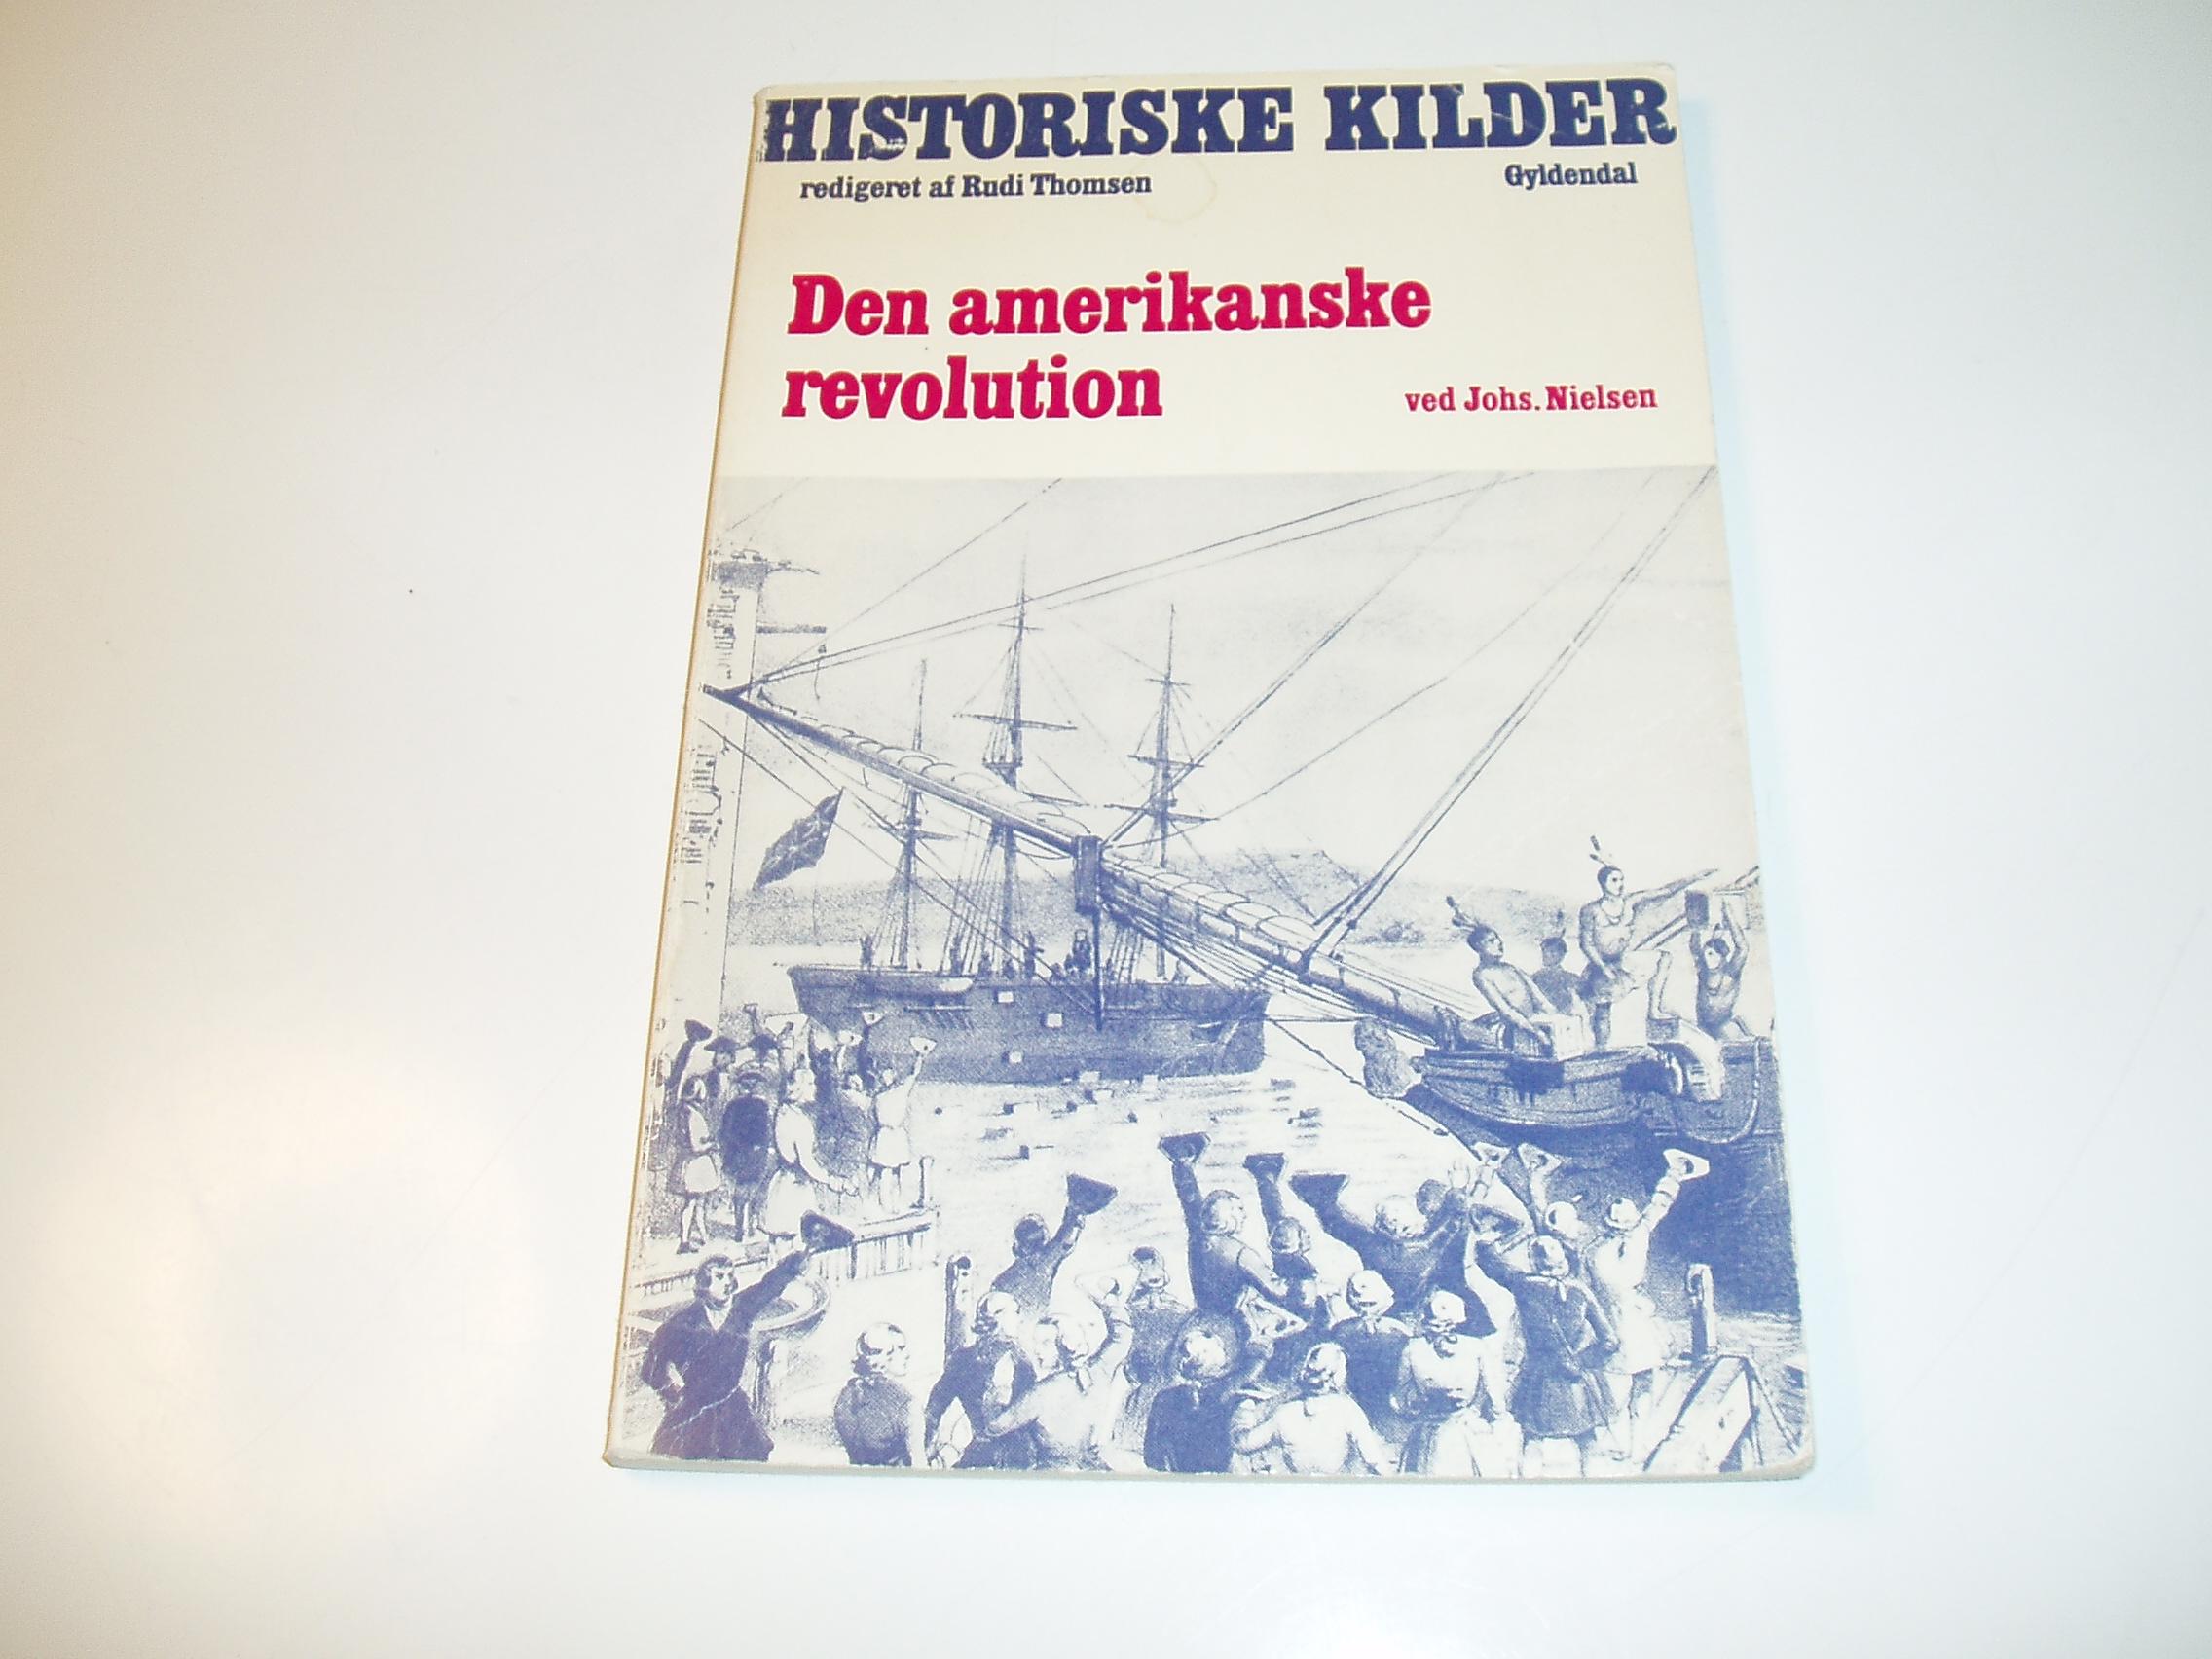 Den amerikanske revolution. Historiske kilder